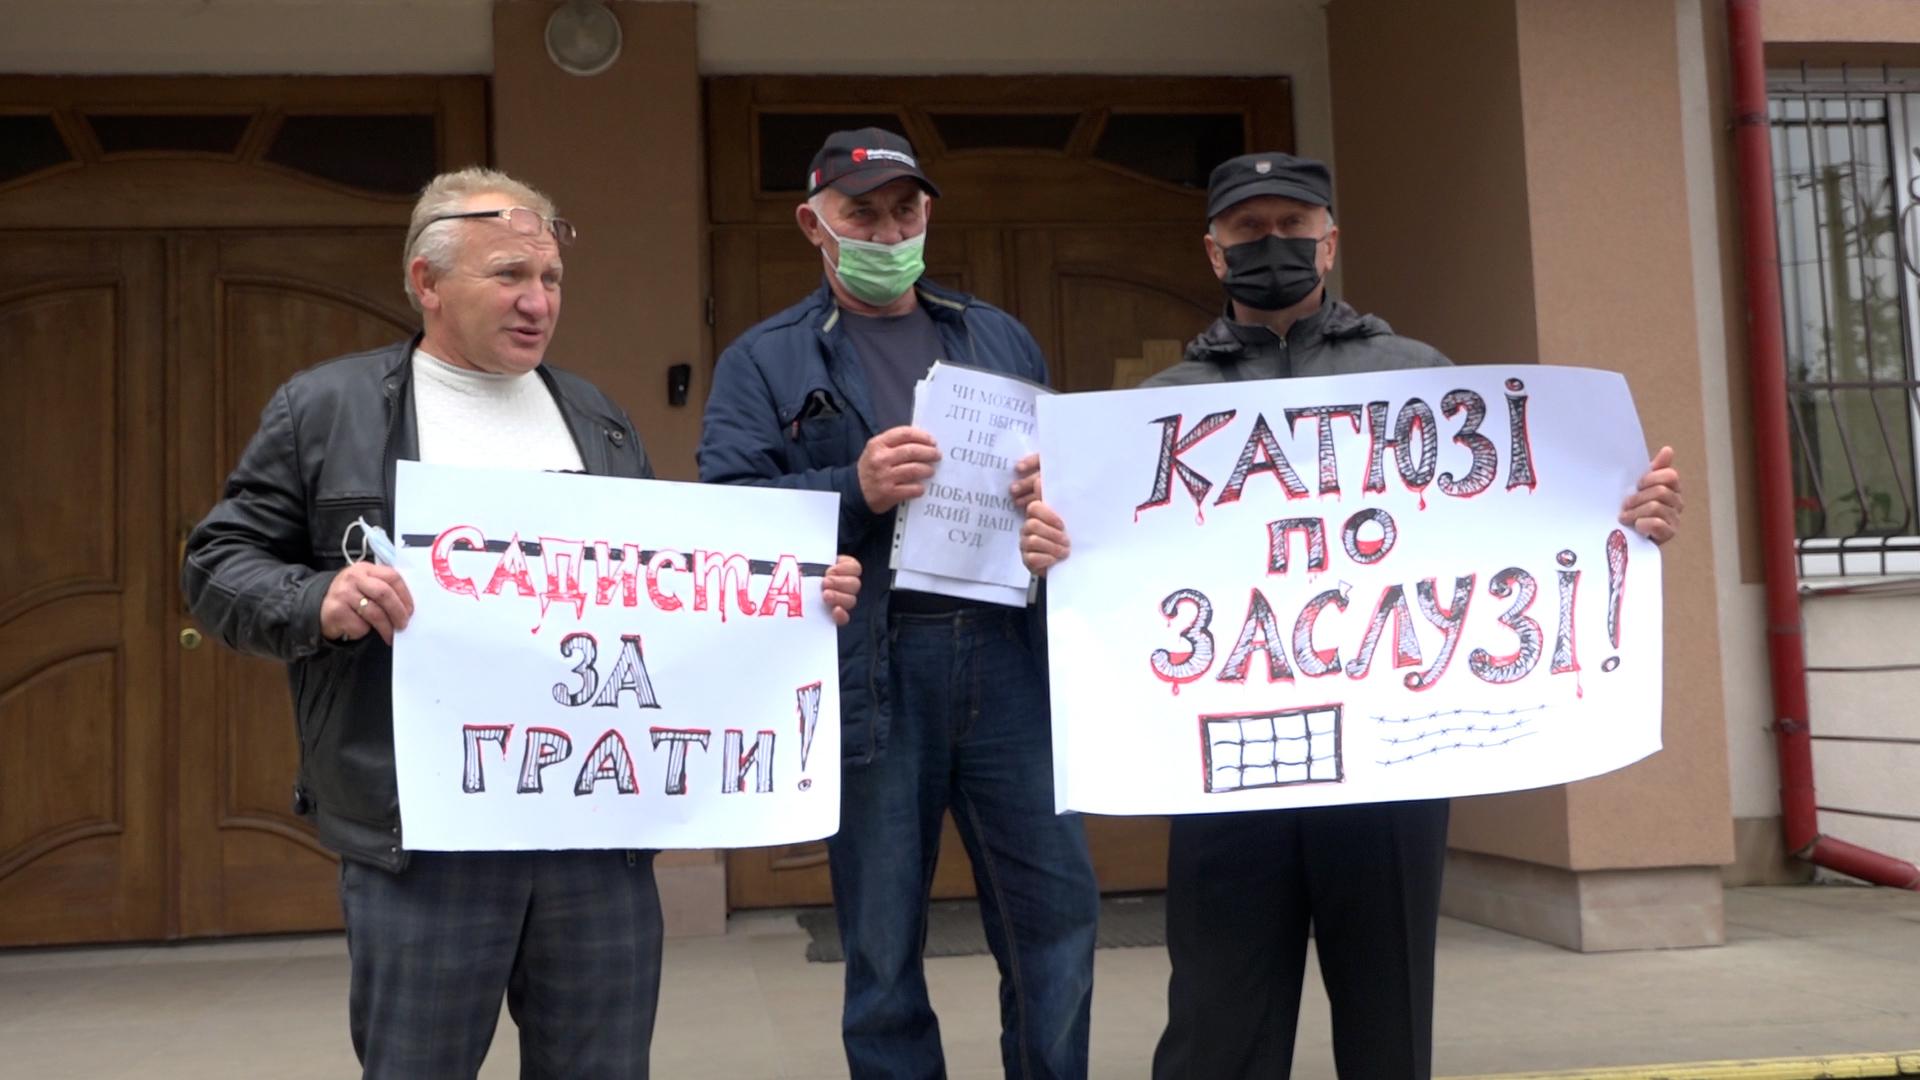 До 20 листопада в СІЗО: підозрюваному Олегу Струню продовжили термін тримання під вартою